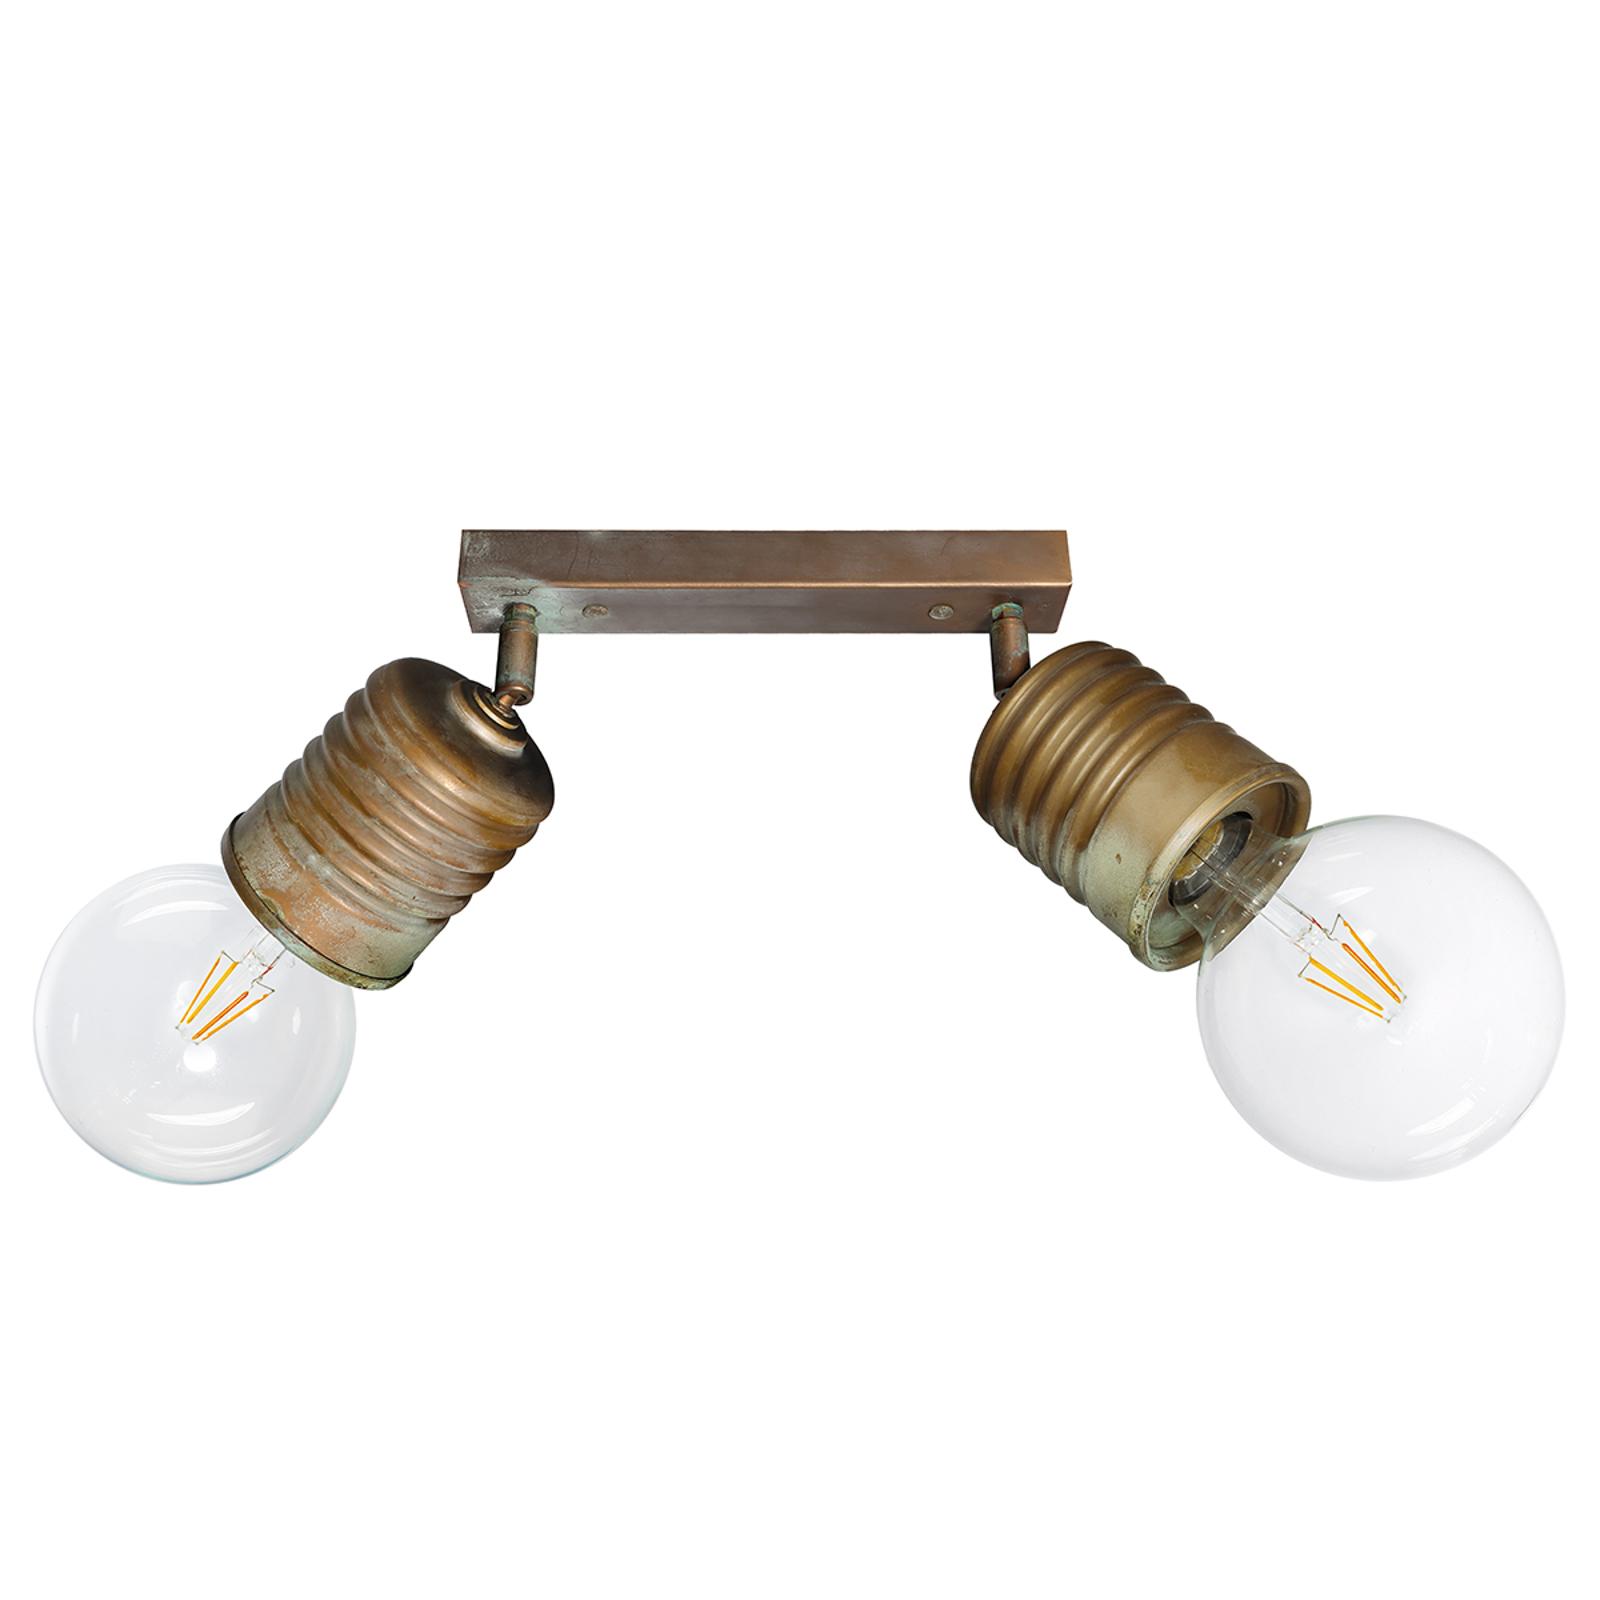 Taklampe Orti i vintagestil, to lys